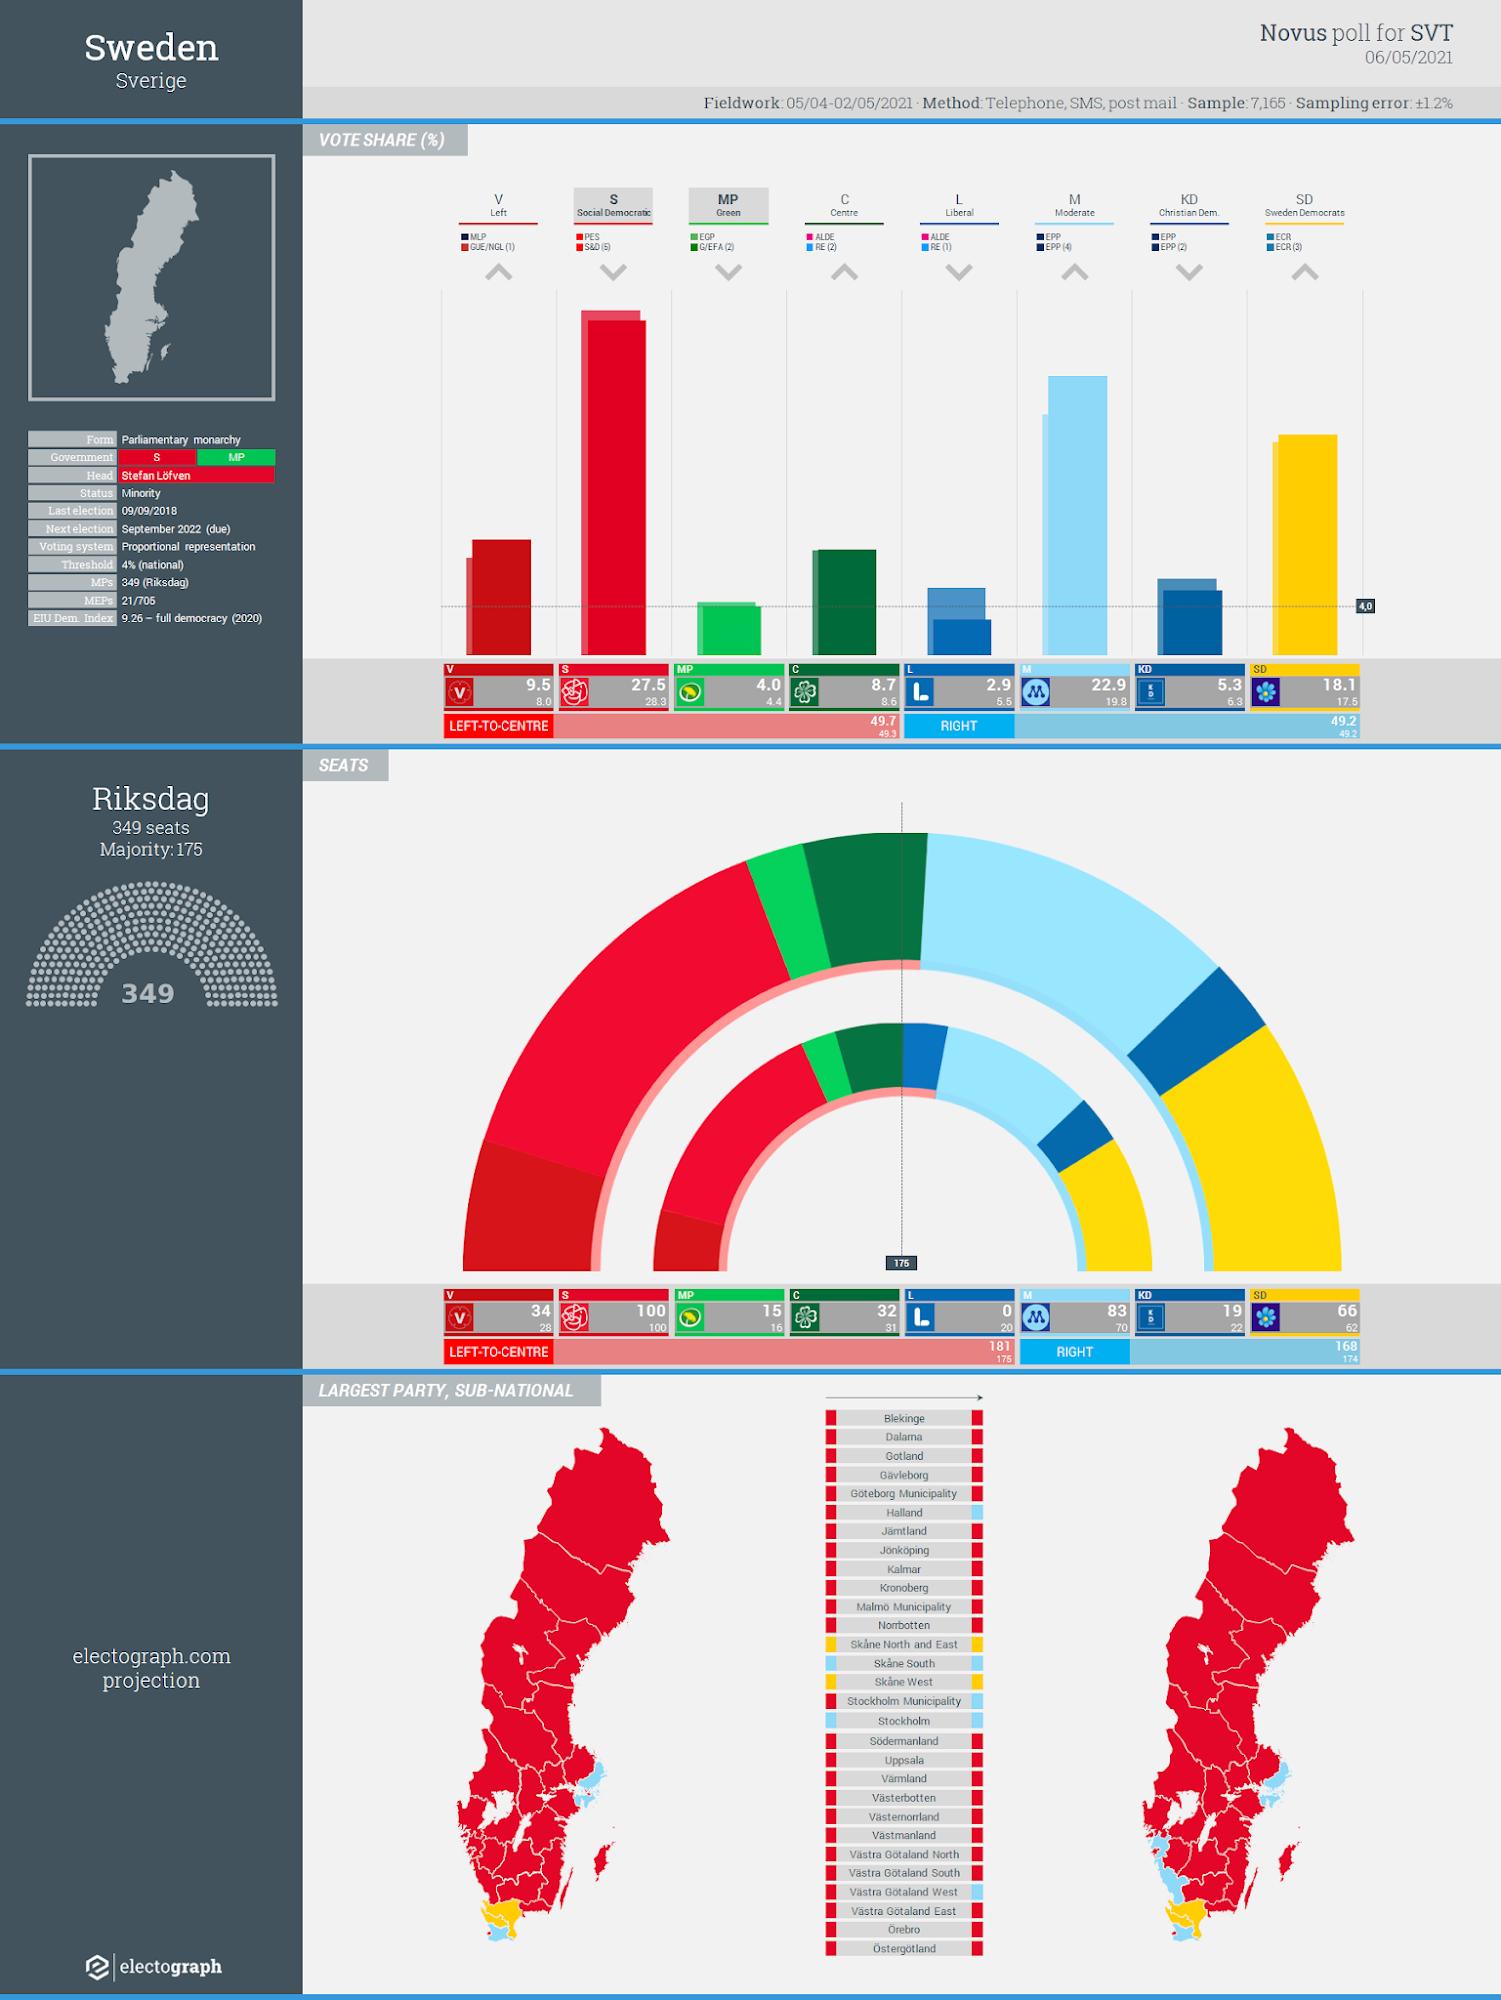 SWEDEN: Novus poll chart for SVT, 6 May 2021